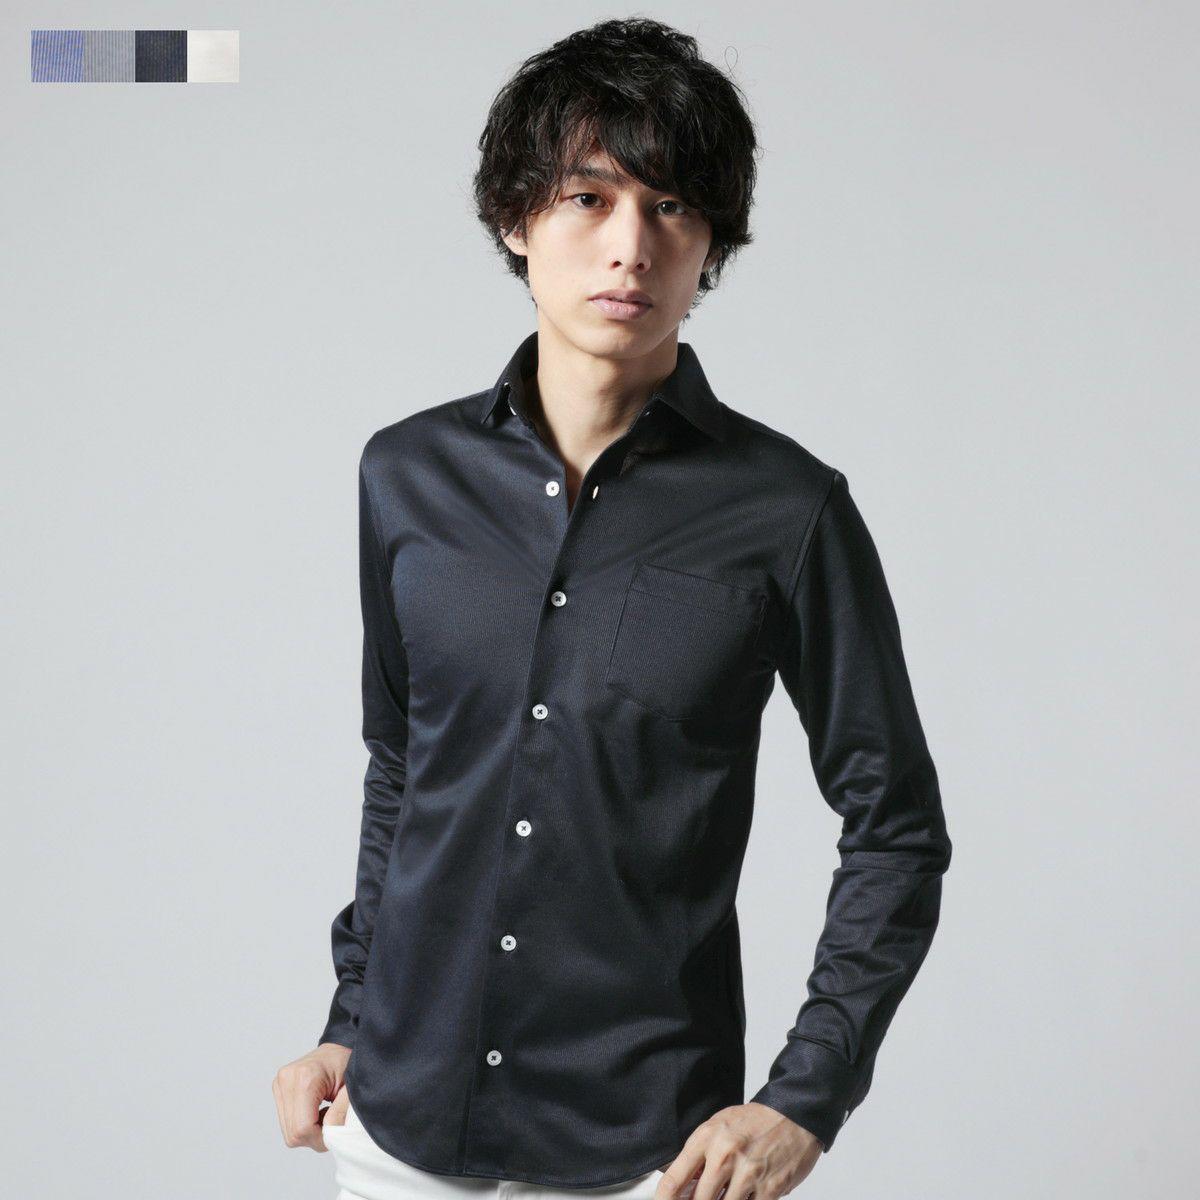 ニットピケストライプホリゾンタルカラーカットシャツ